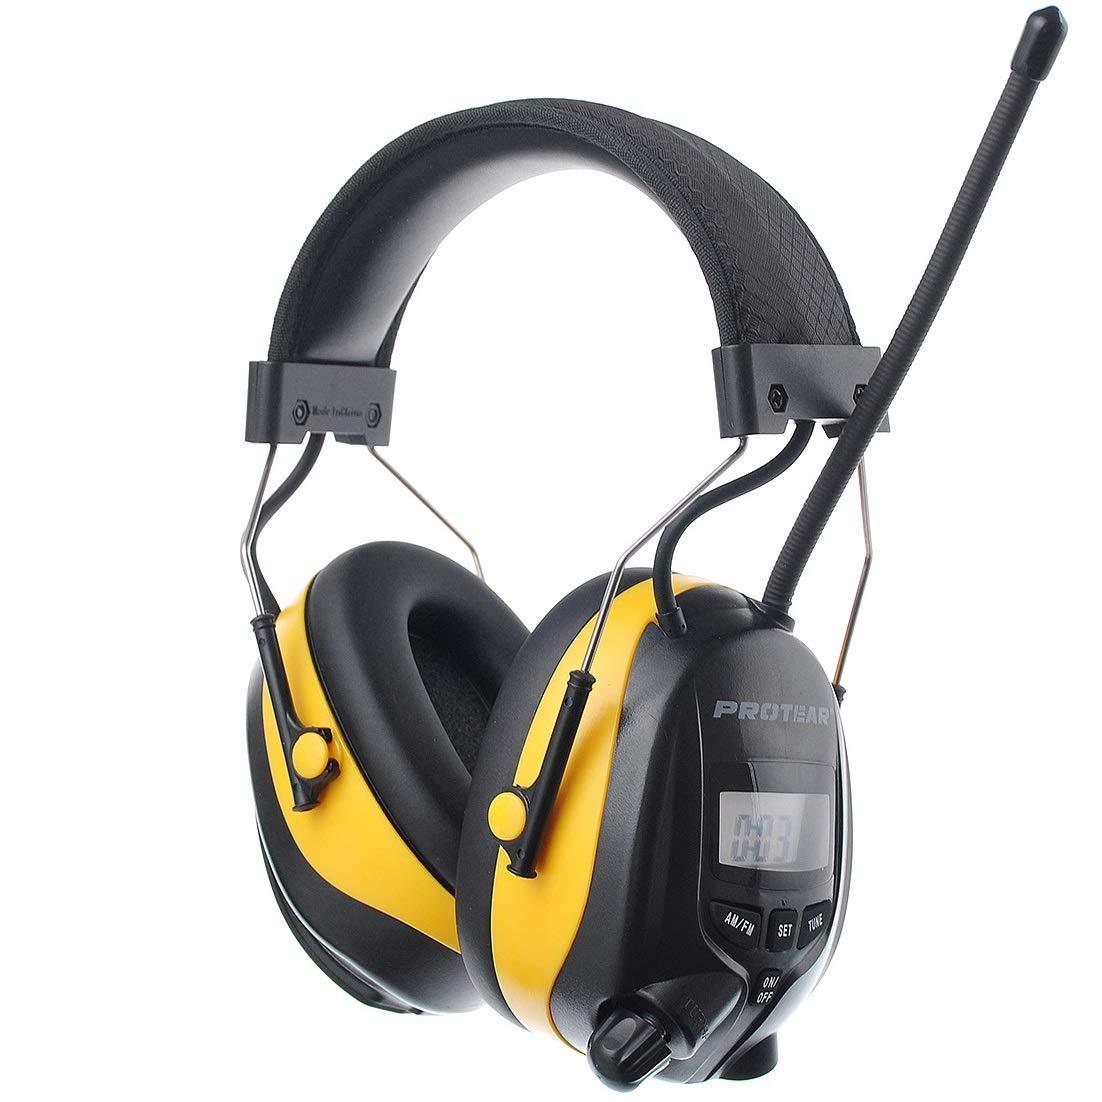 PROTEAR AM FM Radio Casque de Protection auditive de s/écurit/é avec MP3 Compatible SNR 30 DB Casque /électronique pour Tondeuse /à Gazon